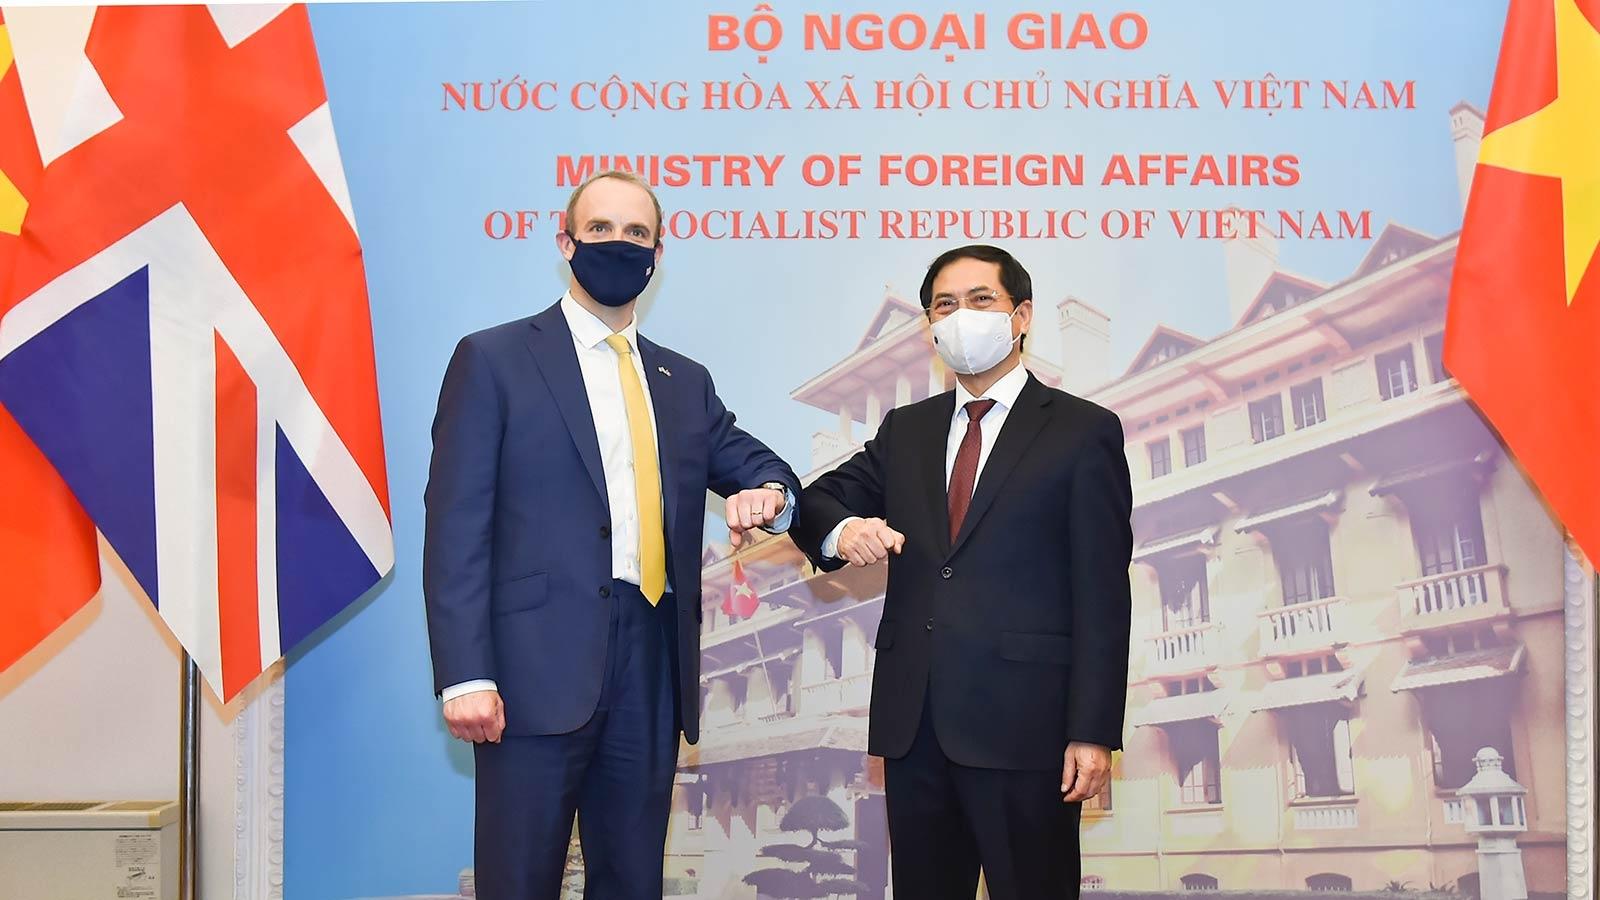 Đề nghị Anh xem xét chuyển giao công nghệ sản xuất vaccine Covid-19 cho Việt Nam